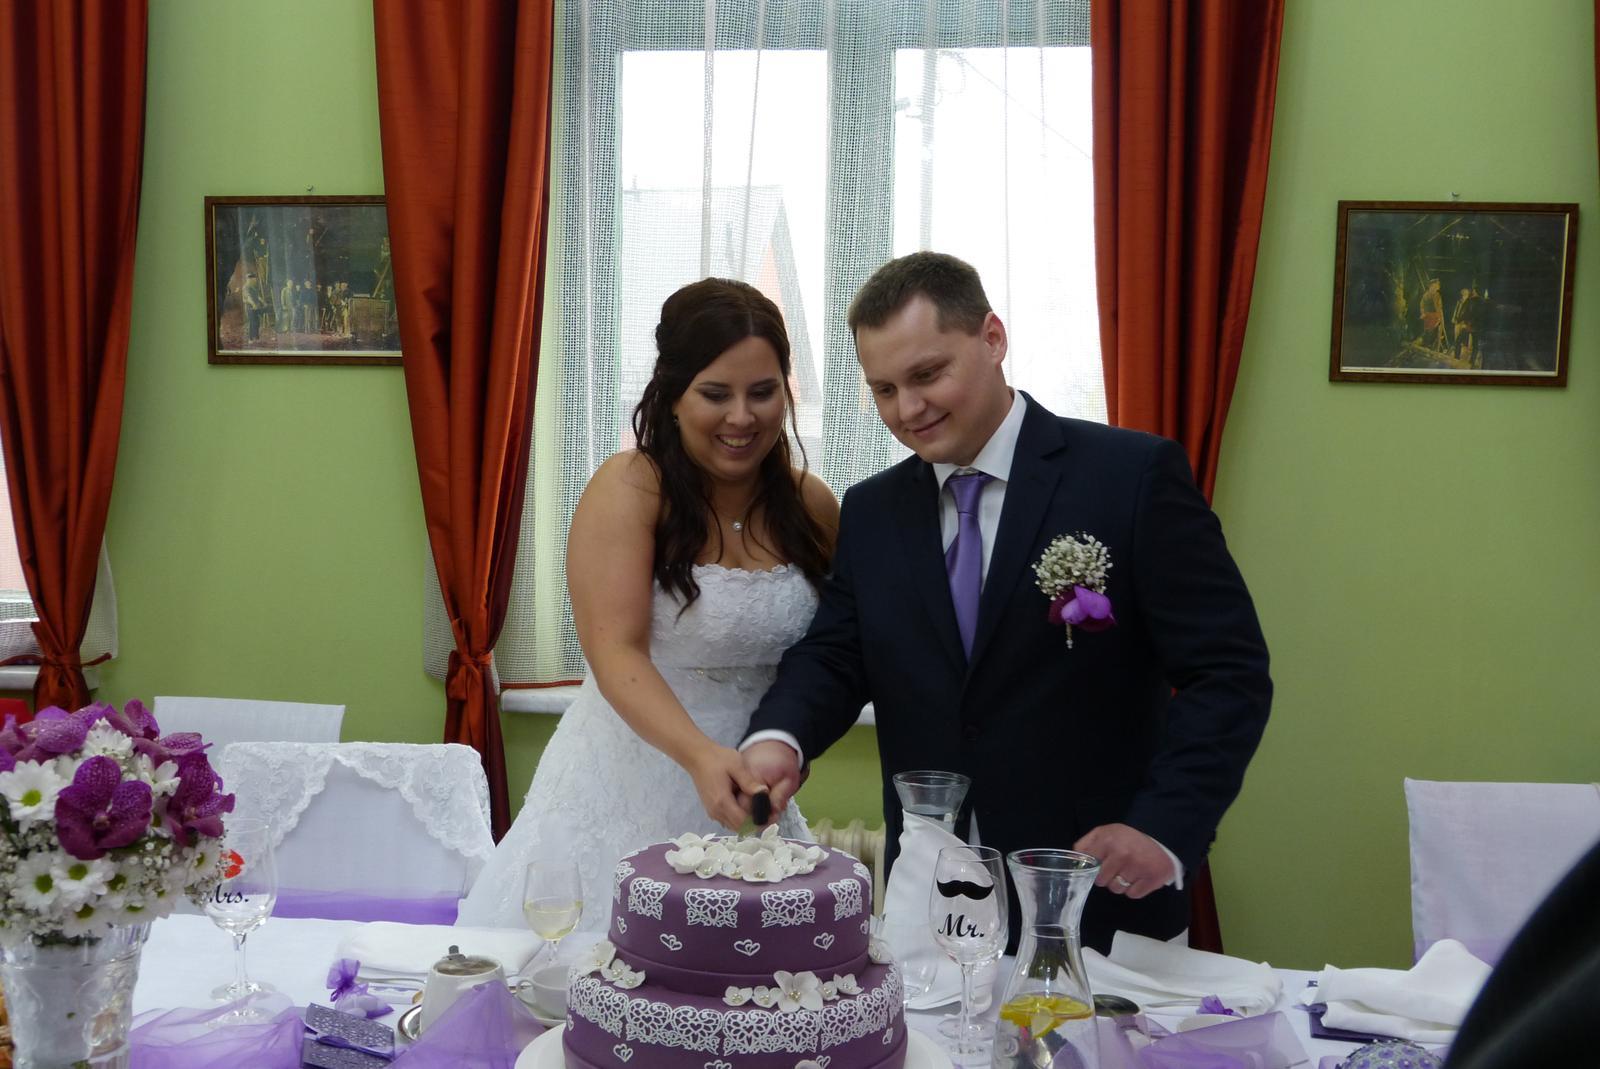 Na naší svatbu jsme... - Obrázek č. 1